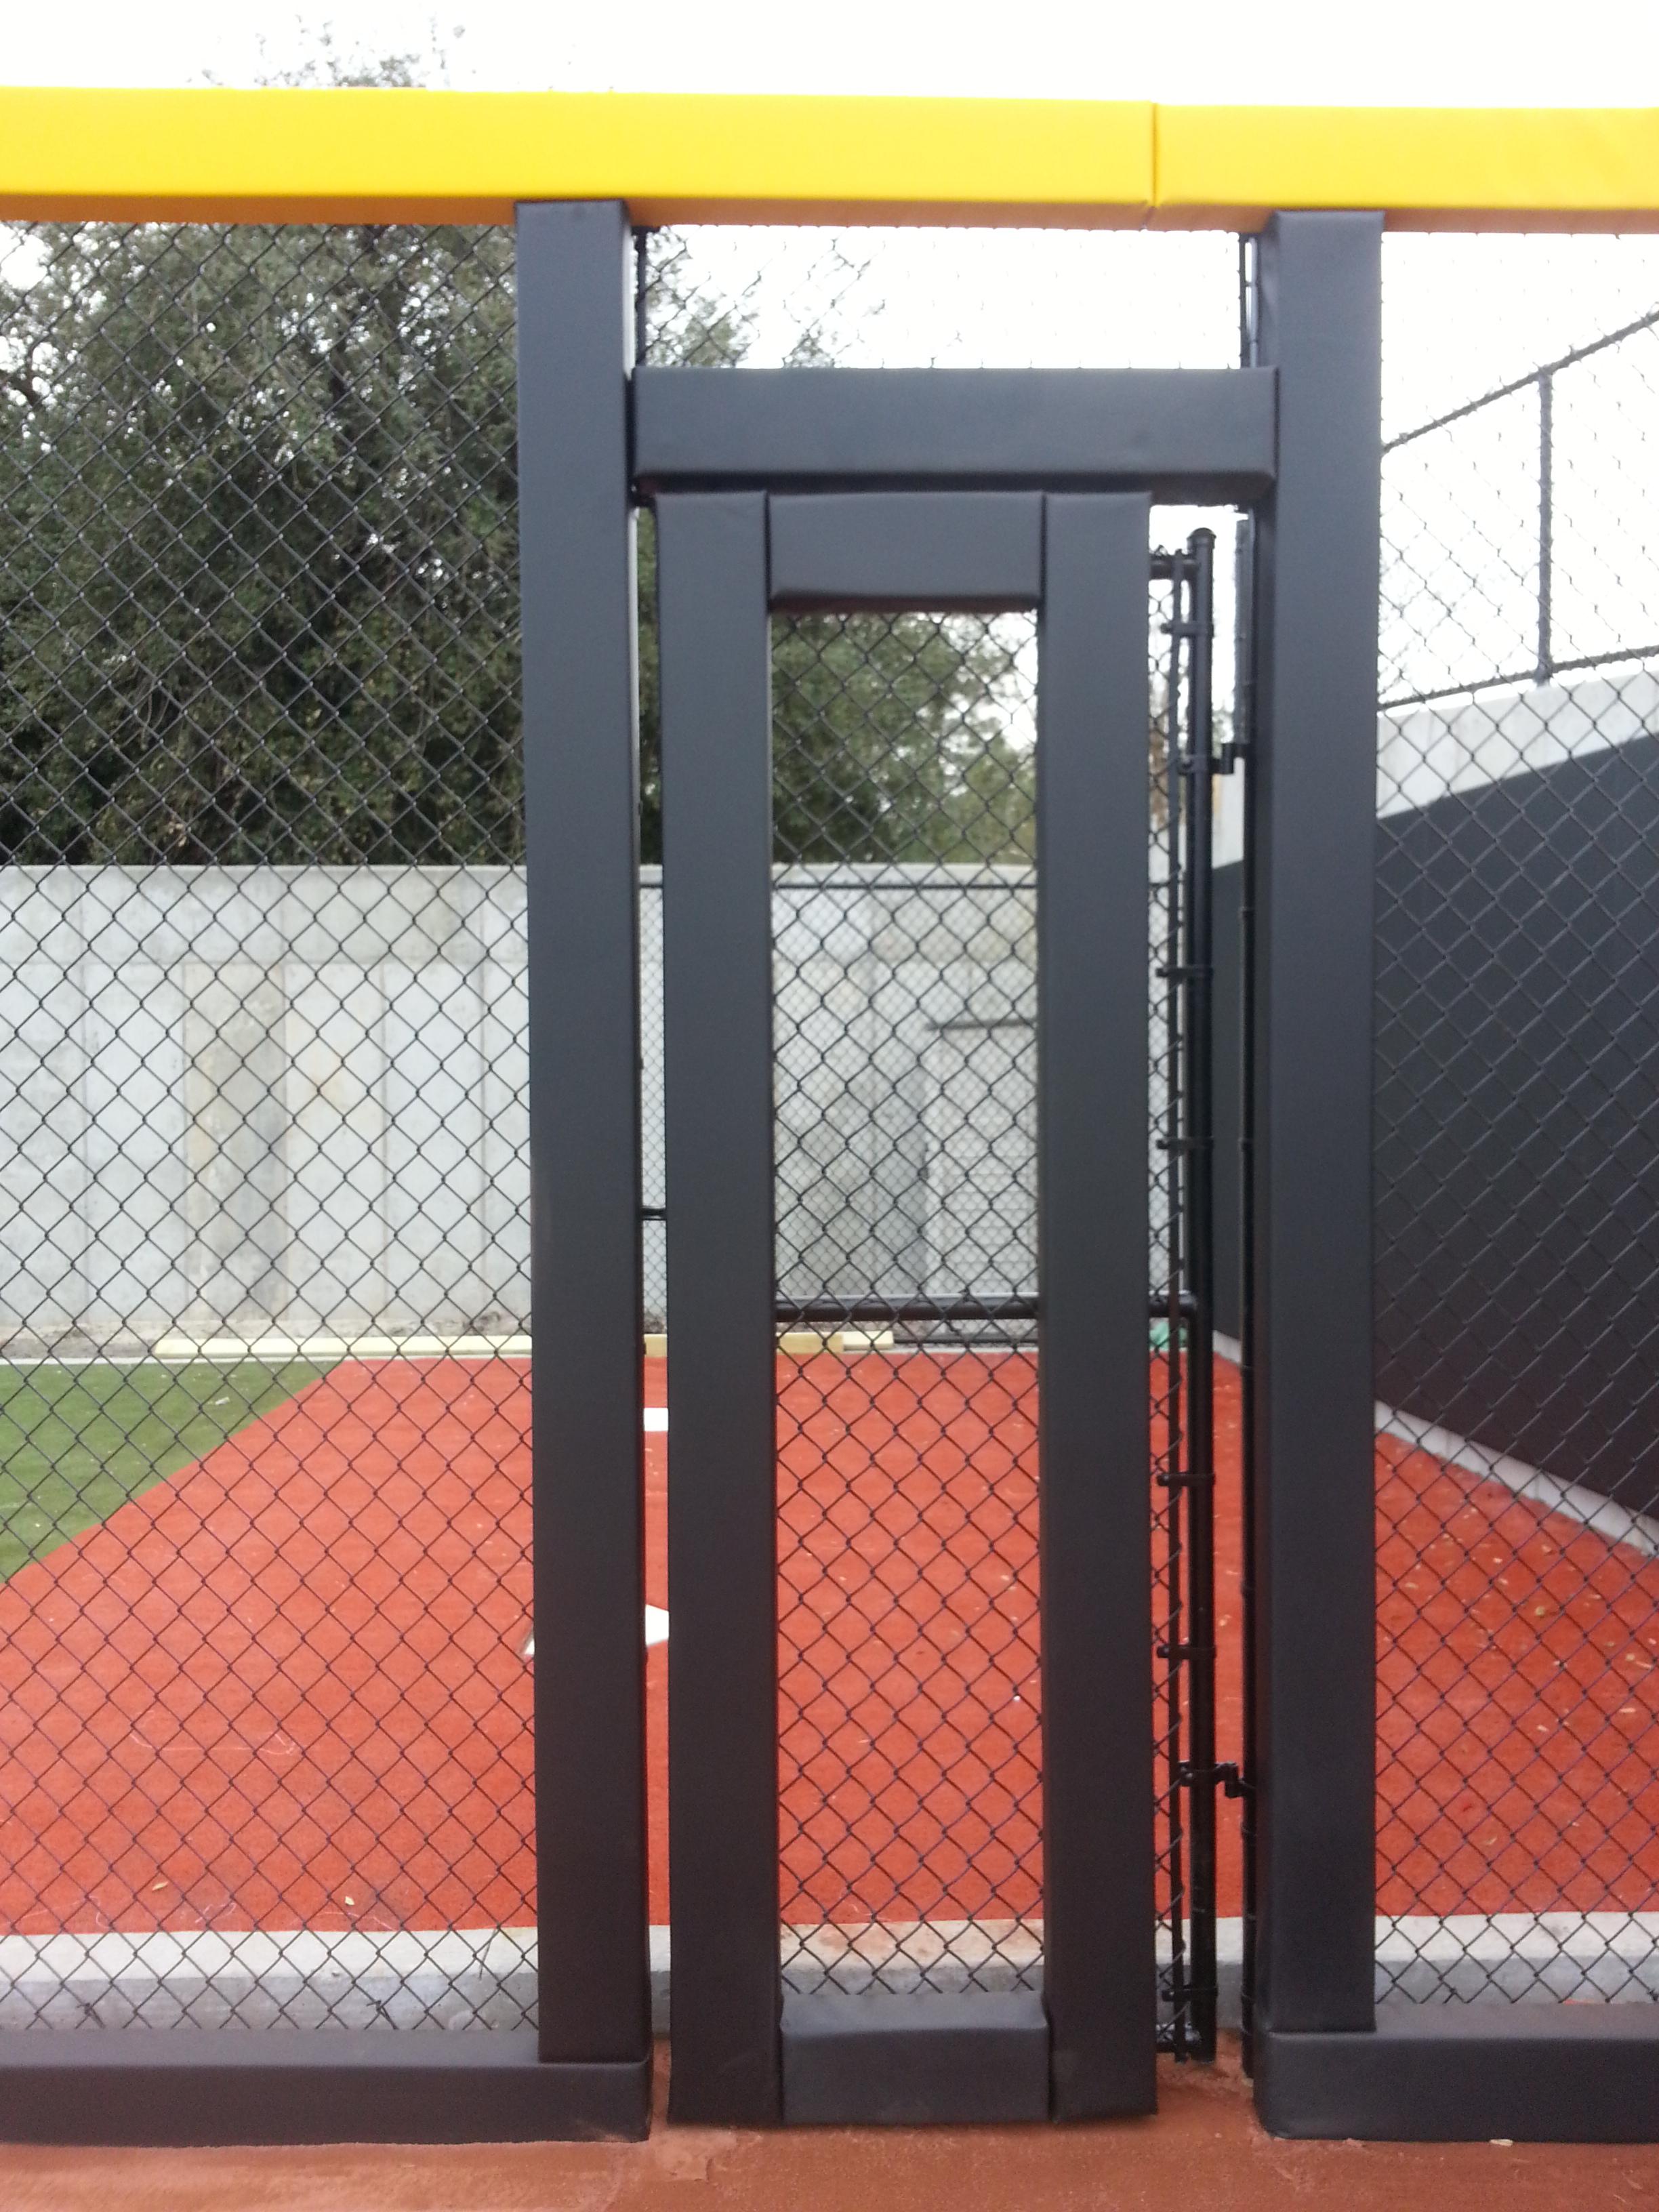 Baseball Fence Door Bullpen Padding